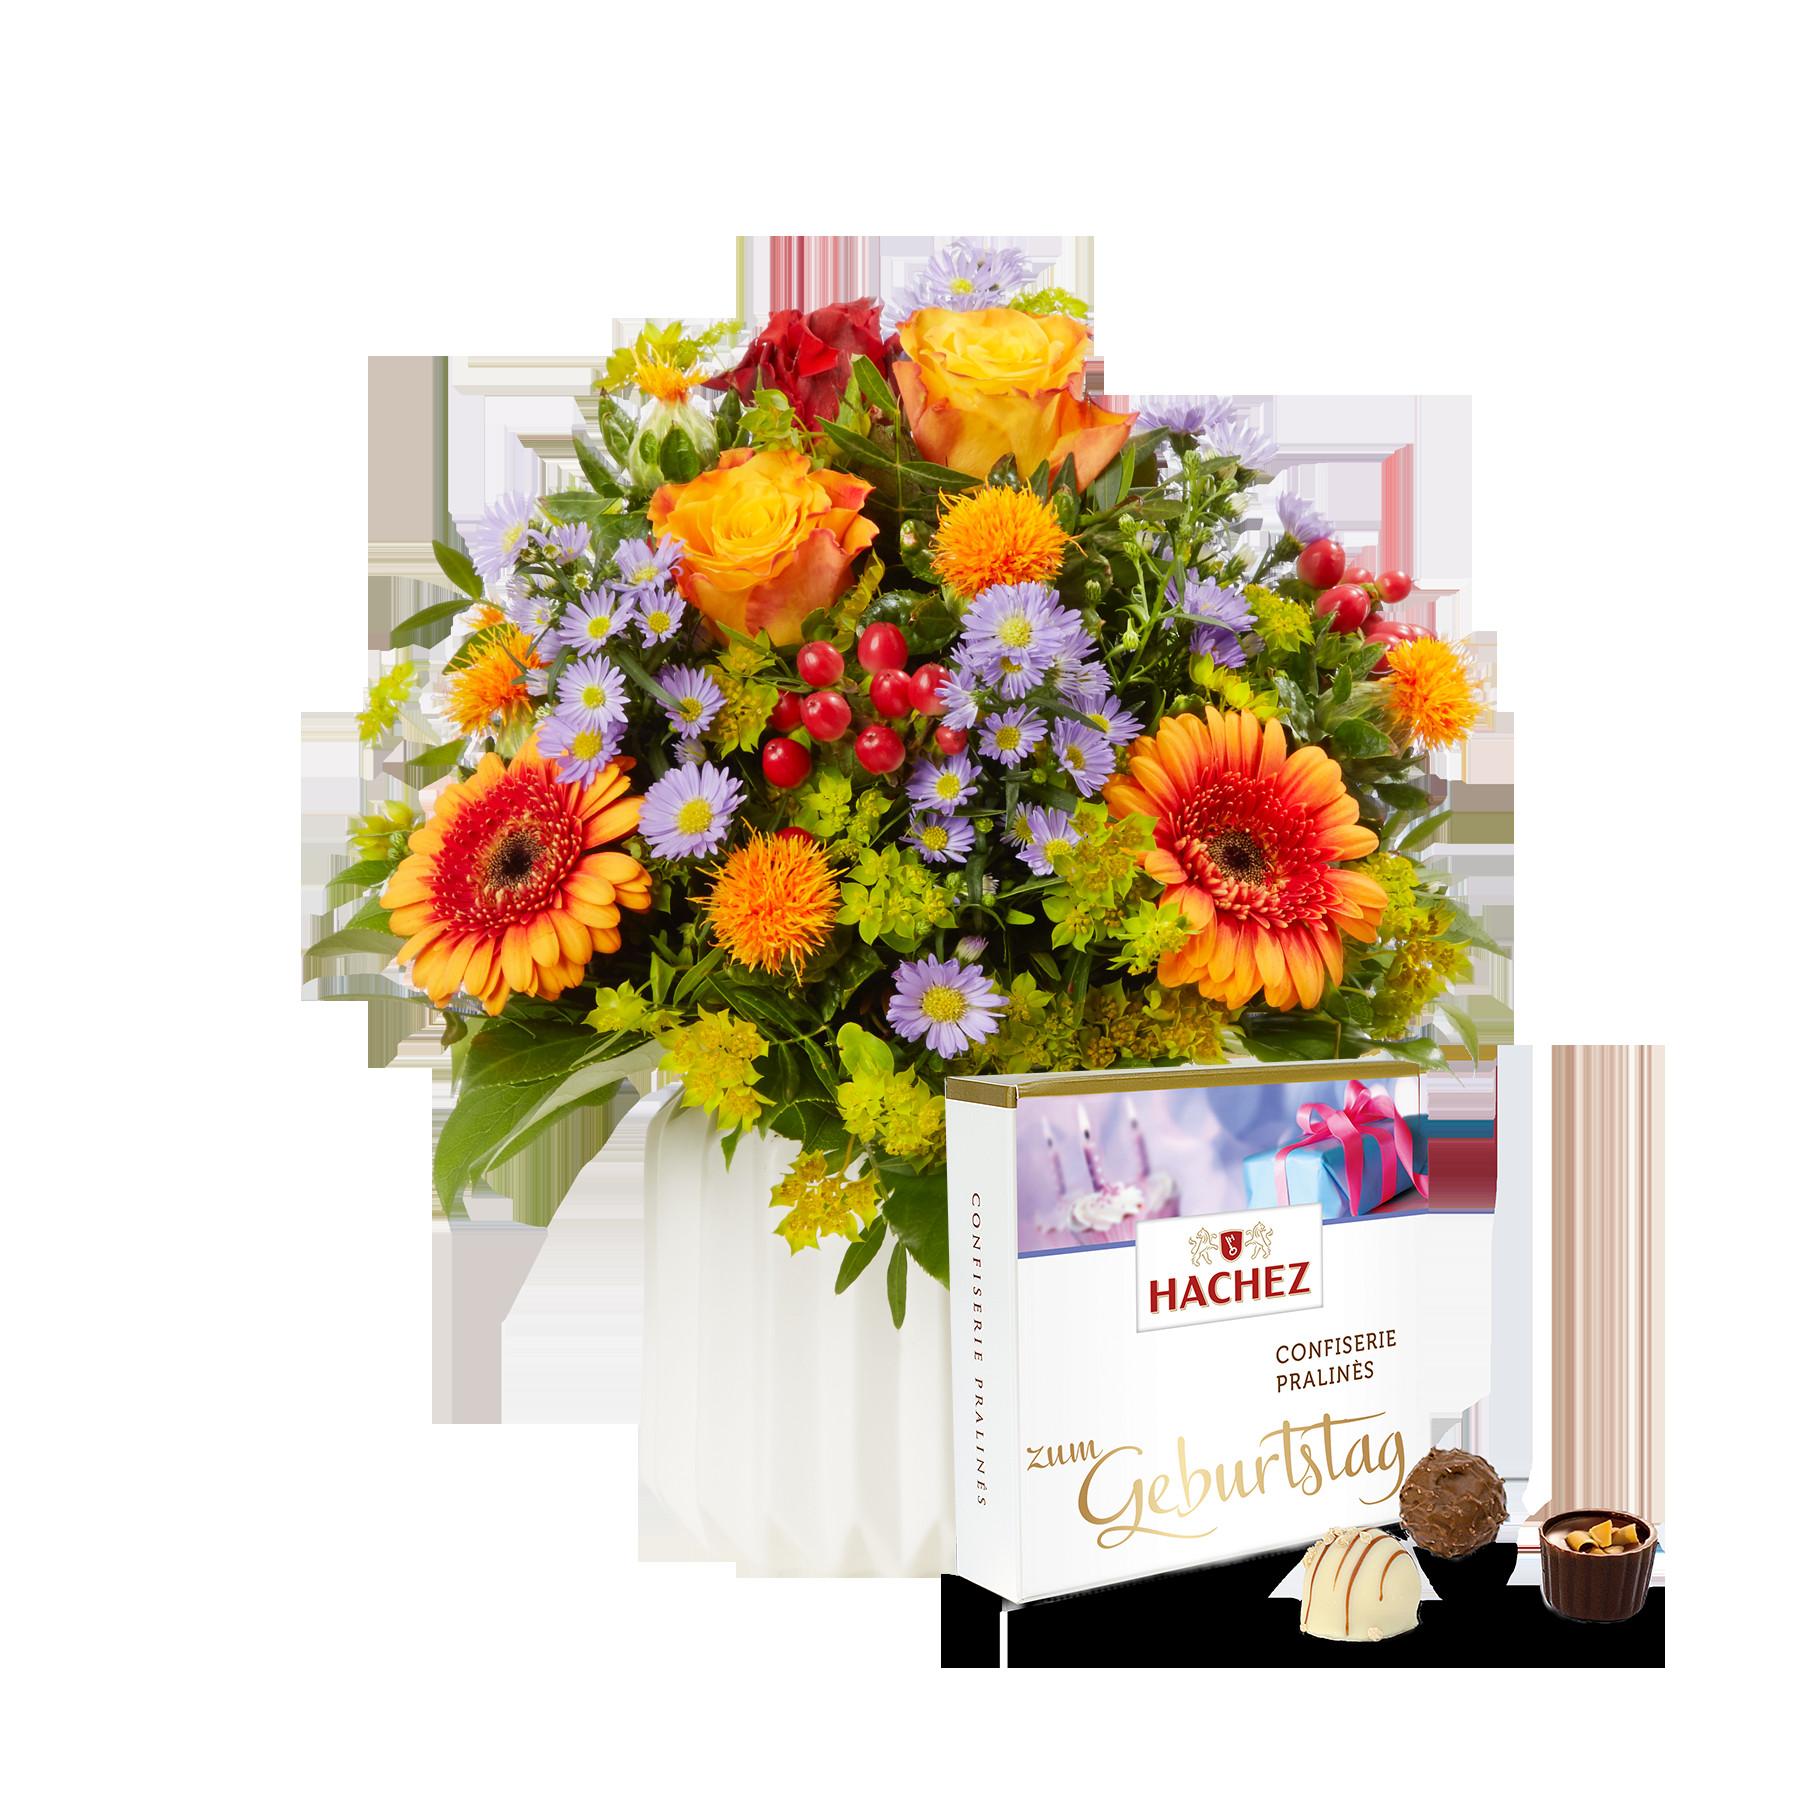 Blumen Zum Geburtstag  Blumen zum Geburtstag › Blumenversand Vergleich